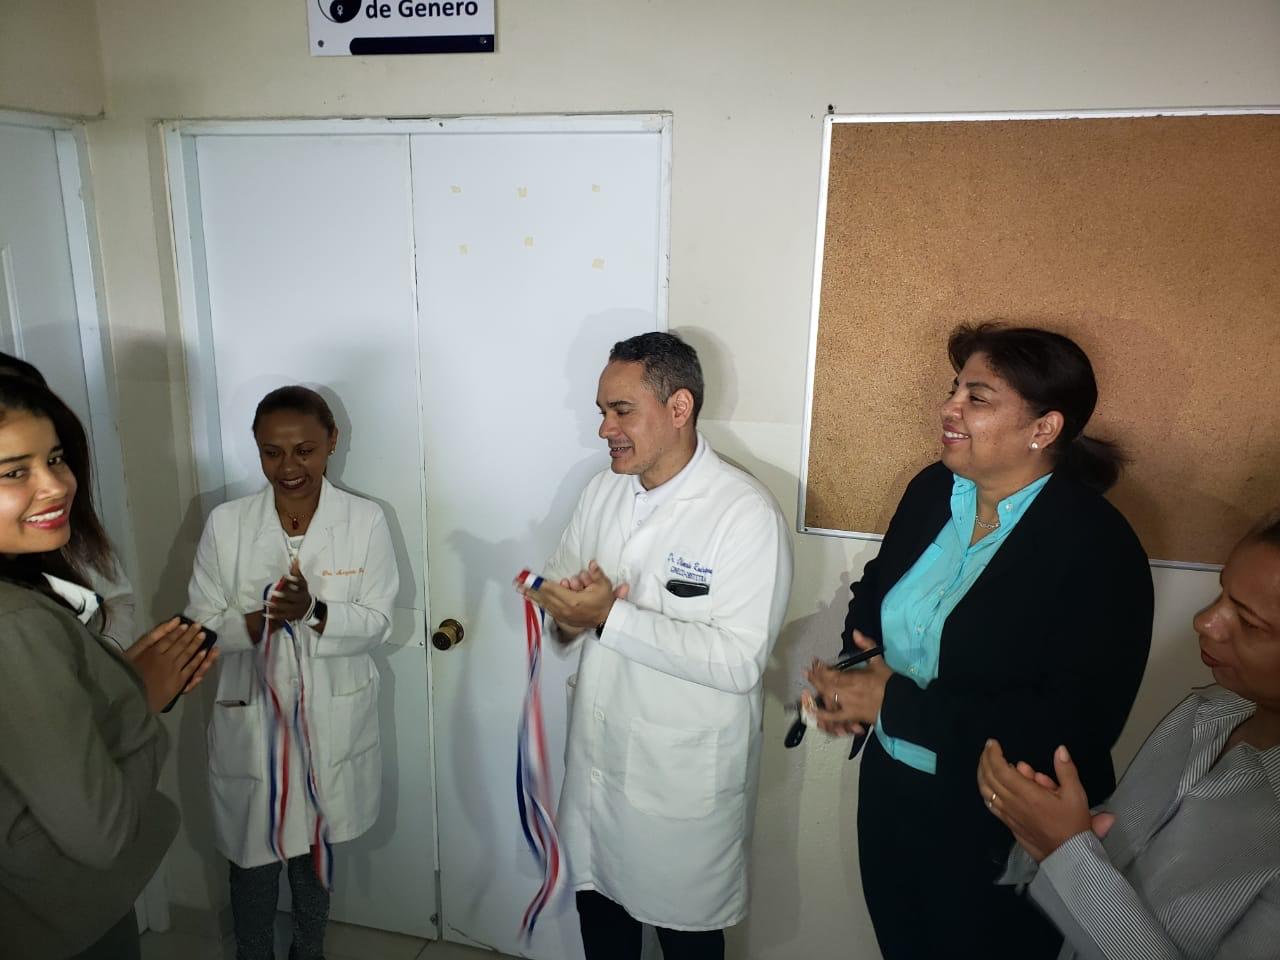 Inauguran Unidad de Género en hospital Nuestra Señora De Regla